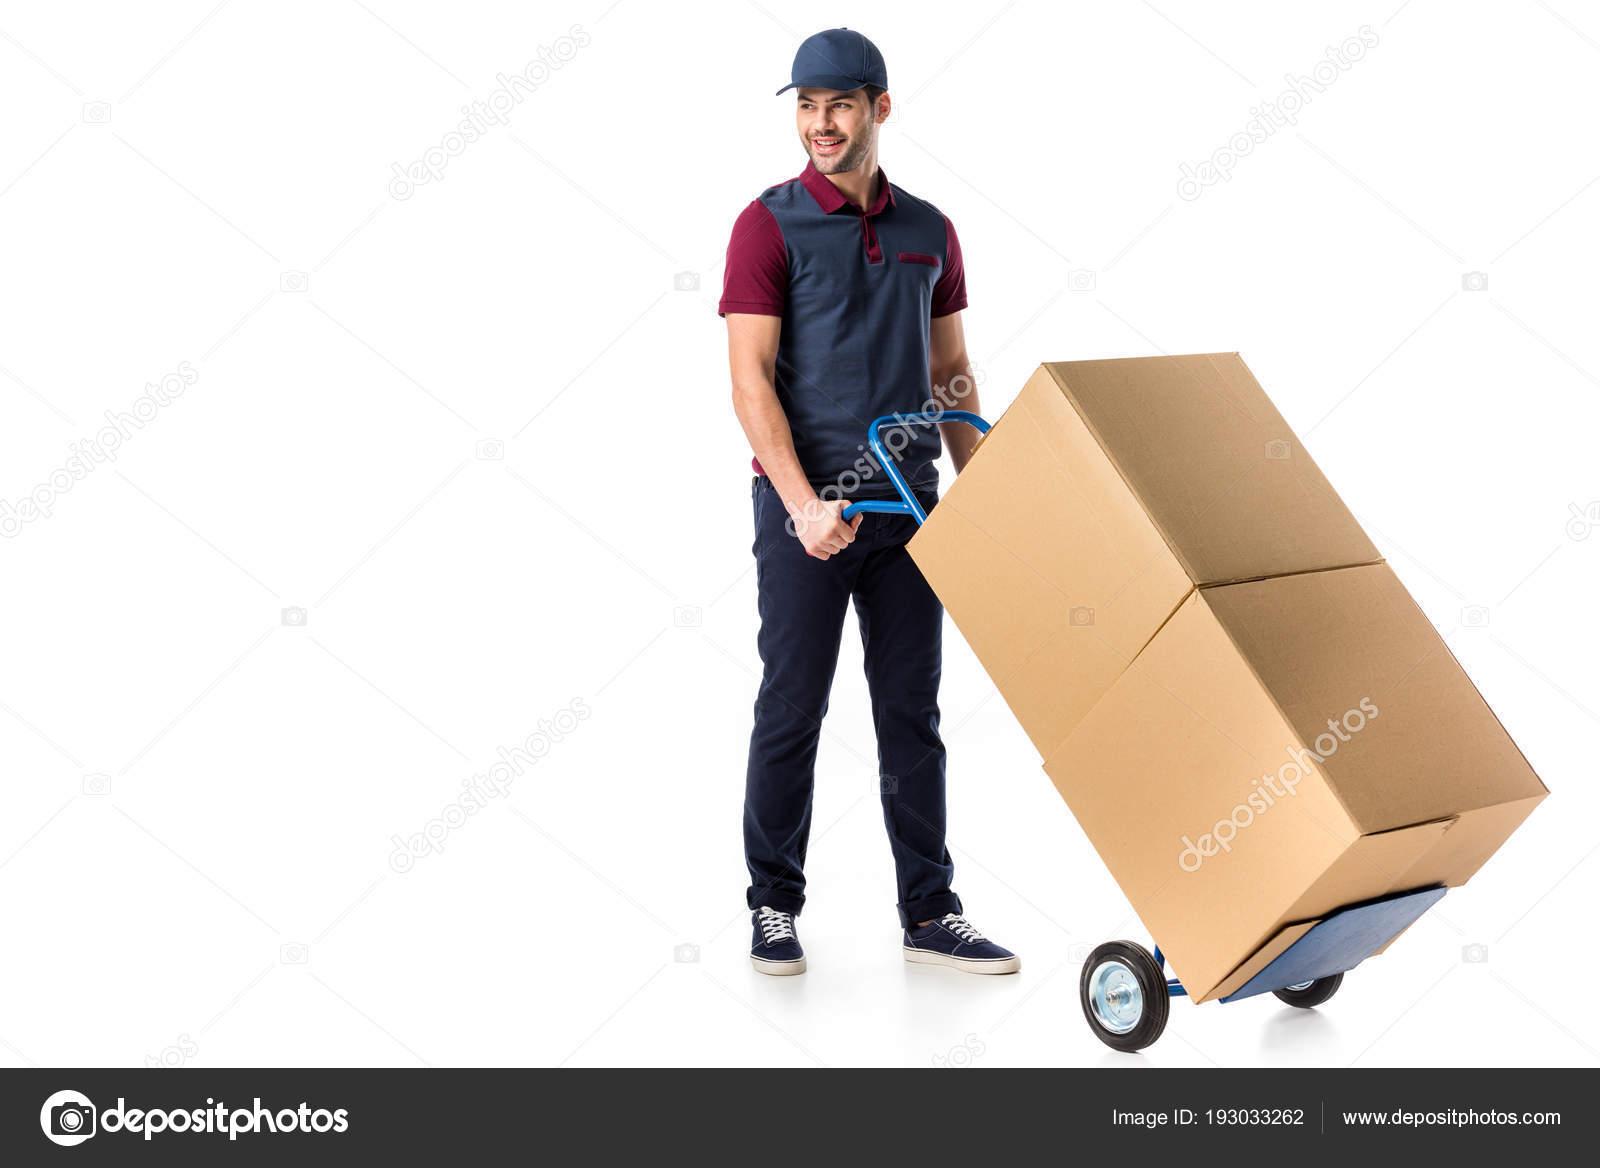 e4d33367c1 Sorrindo Entregador Uniforme Empurrando Carrinho Mão Com Caixas Papelão  Isoladas — Fotografia de Stock